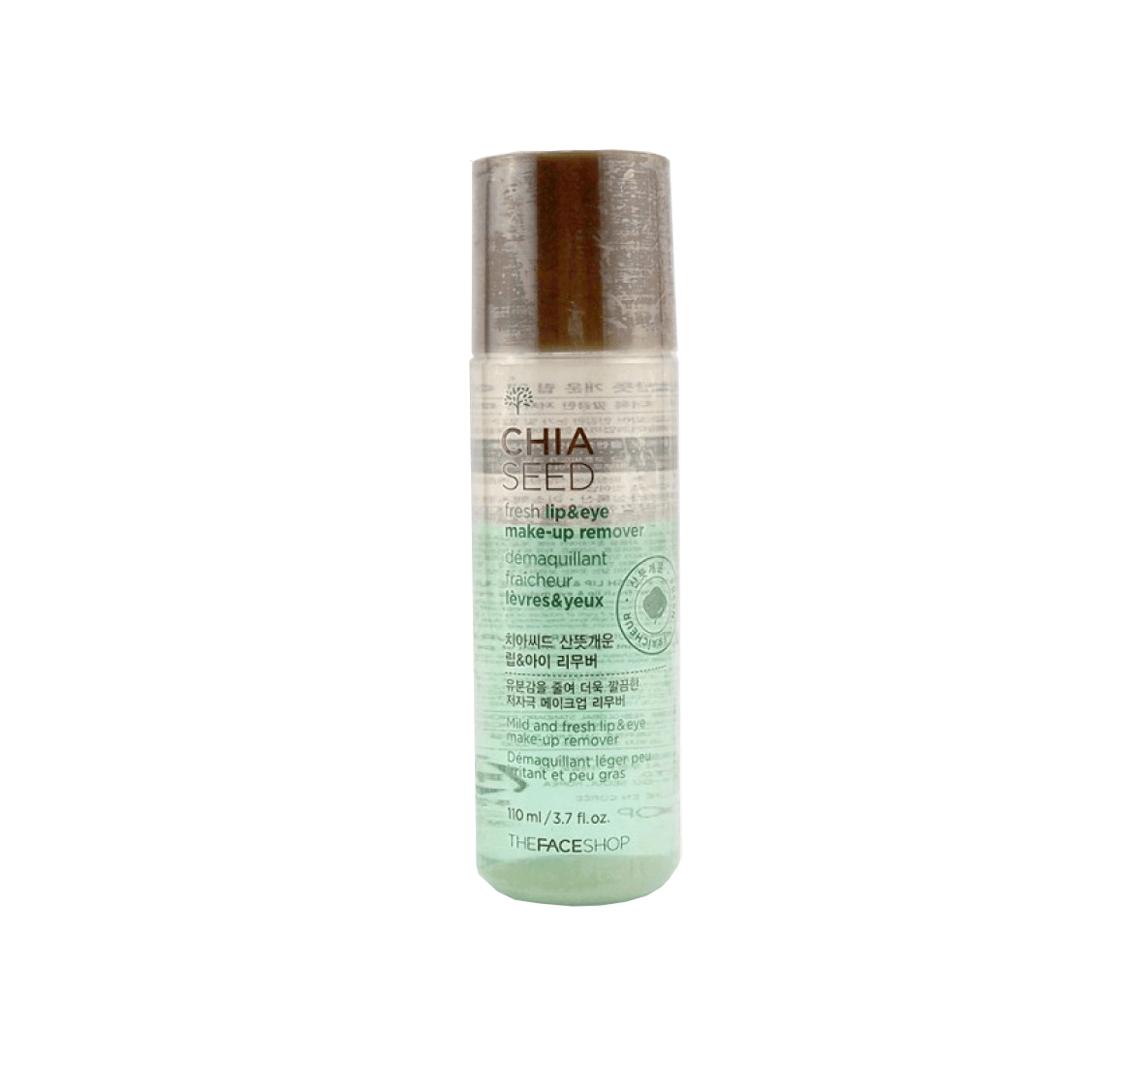 Nước tẩy trang không cồn của The Face Shop đặc biệt không chứa thành phần gây hại cho làn da